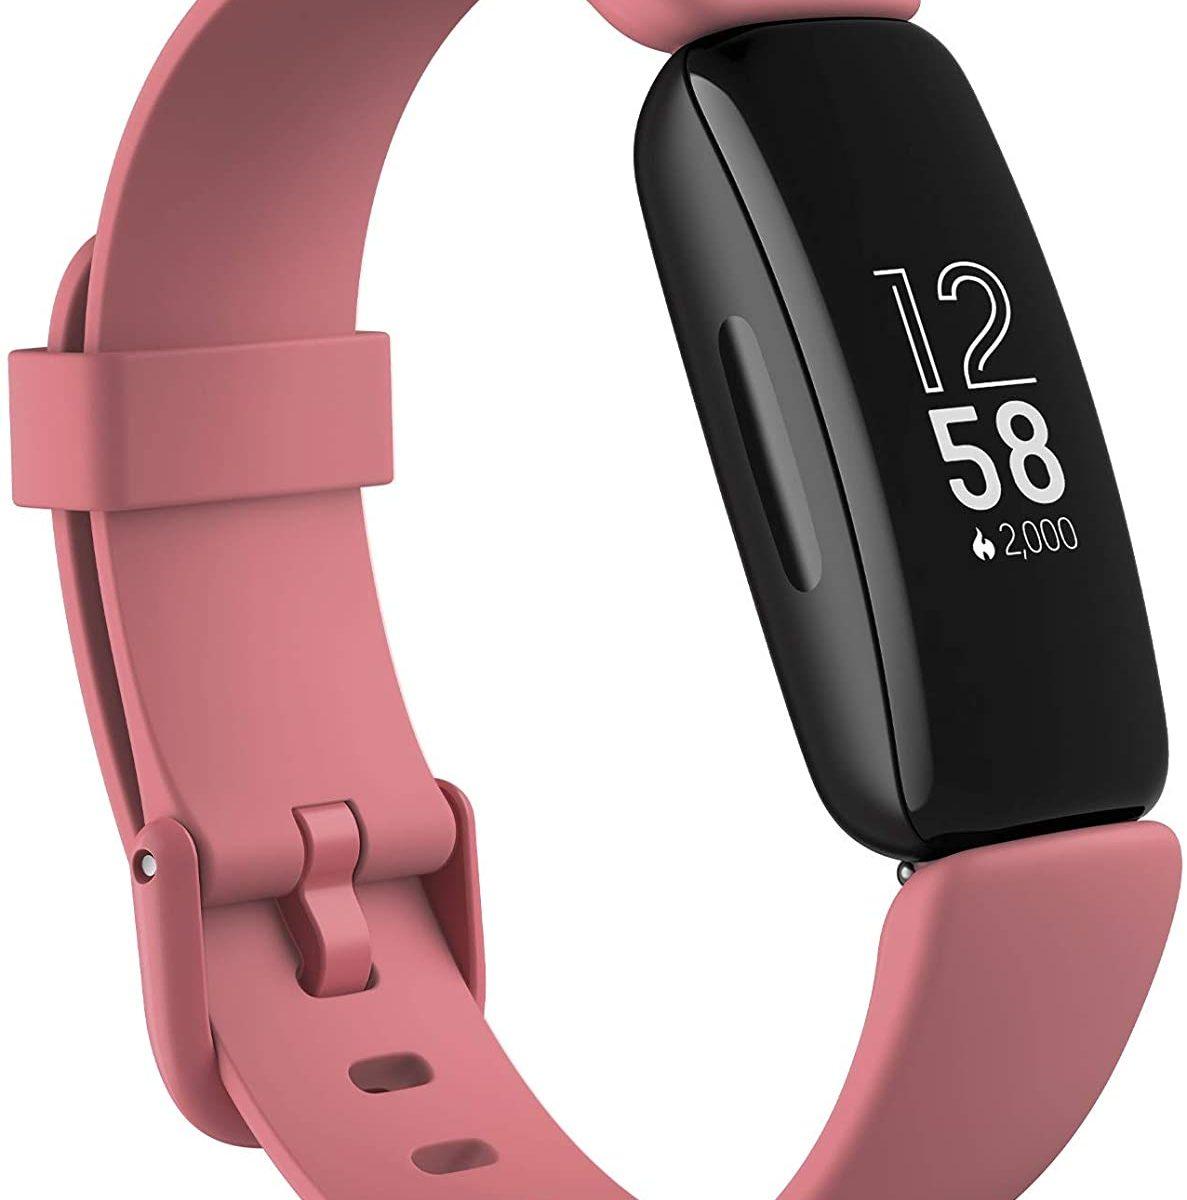 Compra la Fitbit Inspire 2 con el mejor precio online antes del black friday